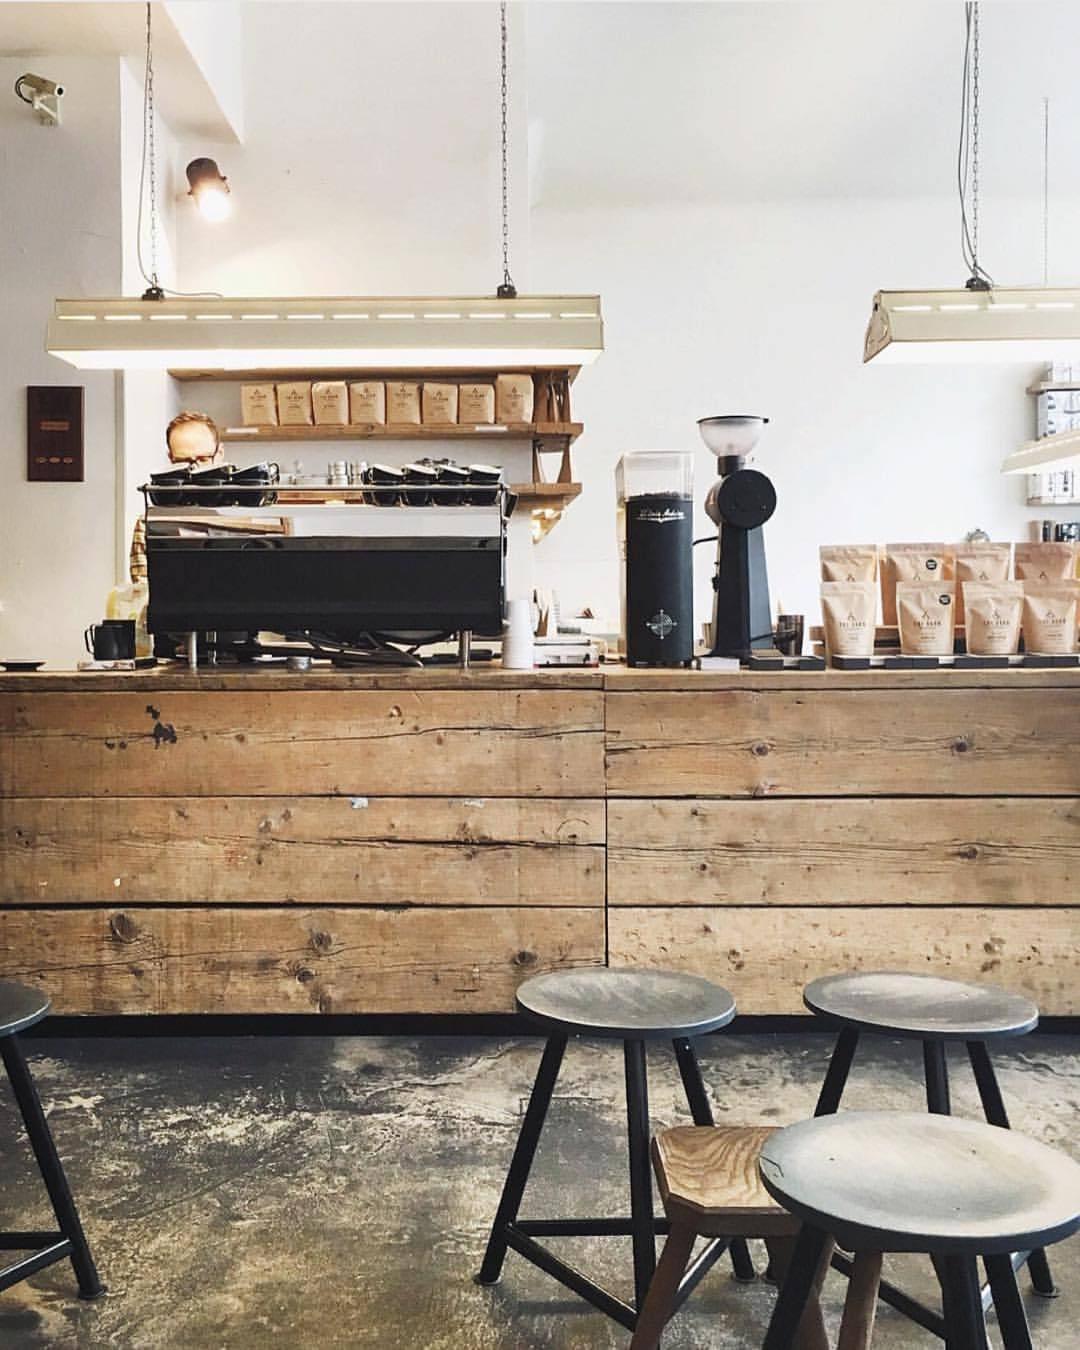 Có 100 triệu trong tay nên kinh doanh gì để có lời nhiều ? - image coffee on https://atpsoftware.com.vn